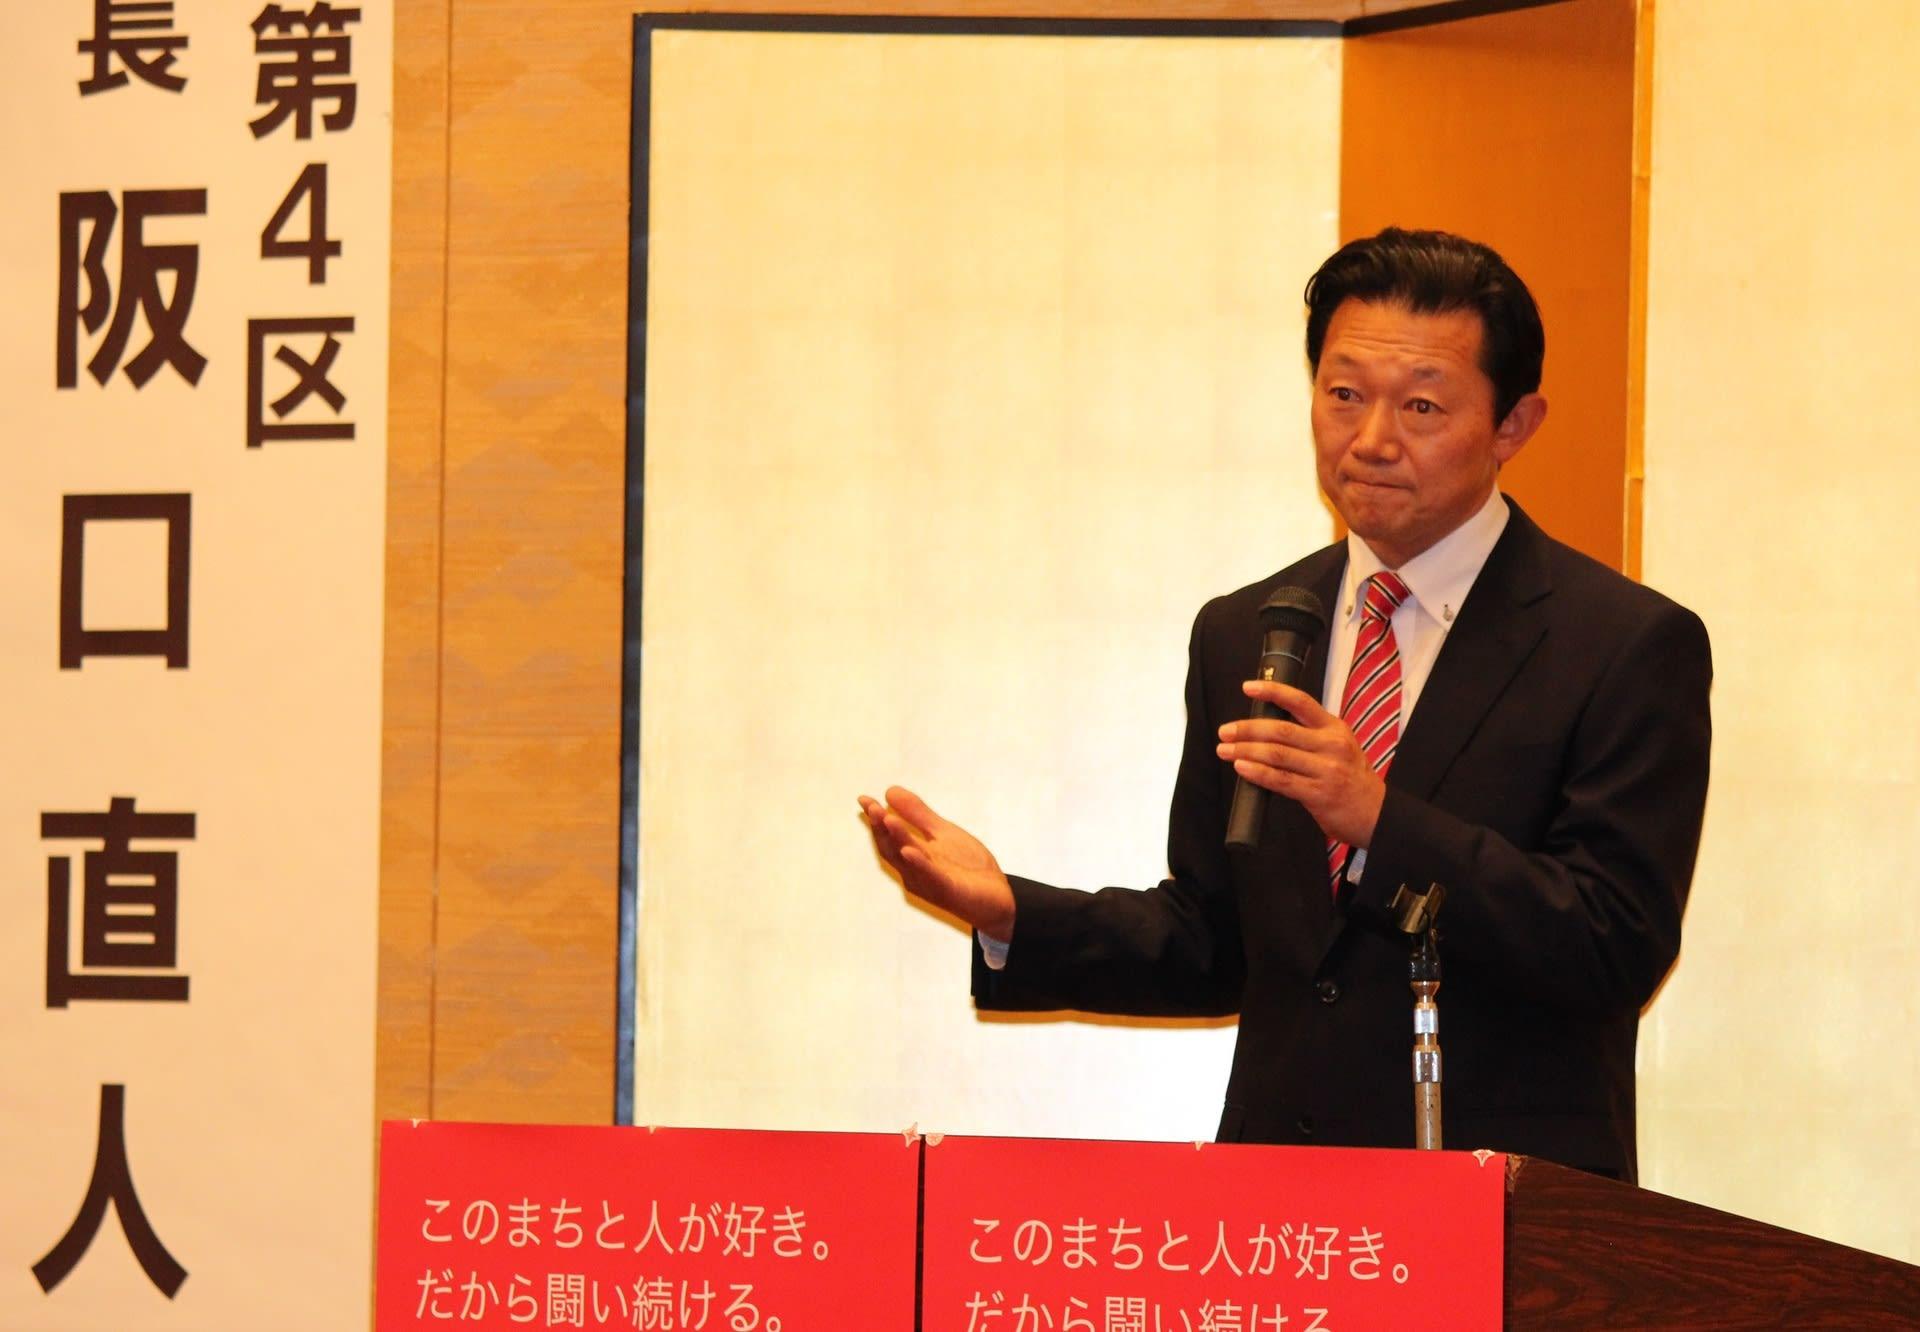 民進党三重県第4区総支部の発足 - 阪口直人の「心にかける橋」